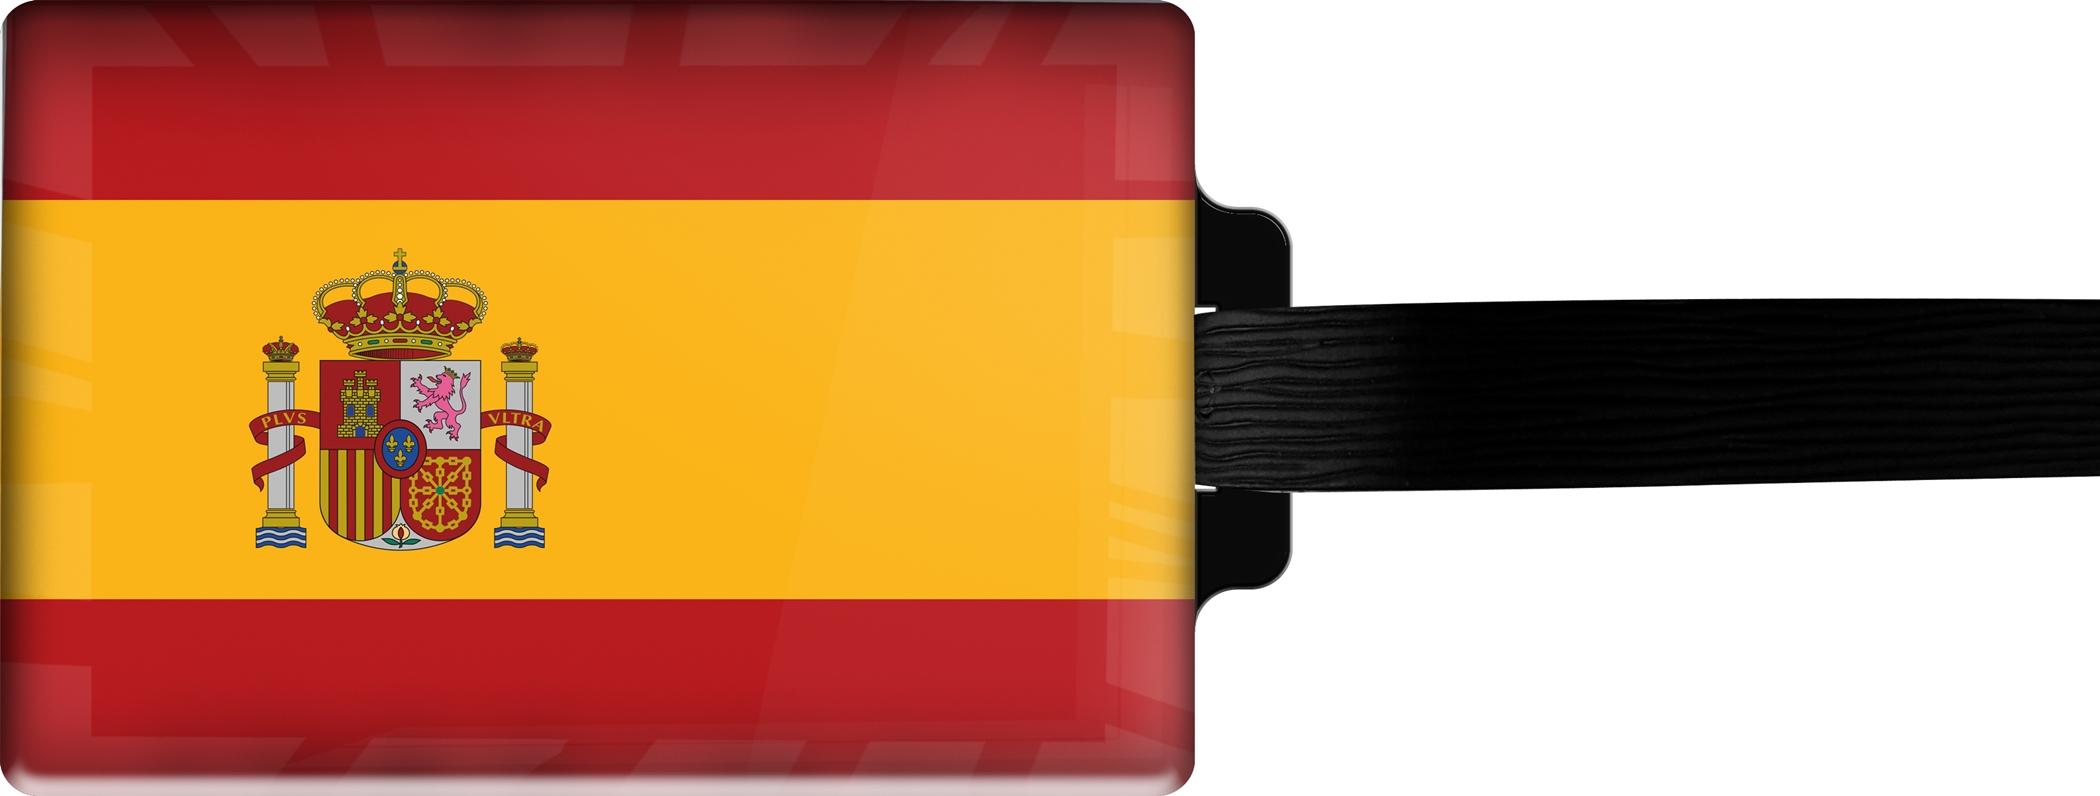 Hochwertiger Gepäckanhänger aus Acrylglas | FLAGGE SPANIEN | metALUm #00071